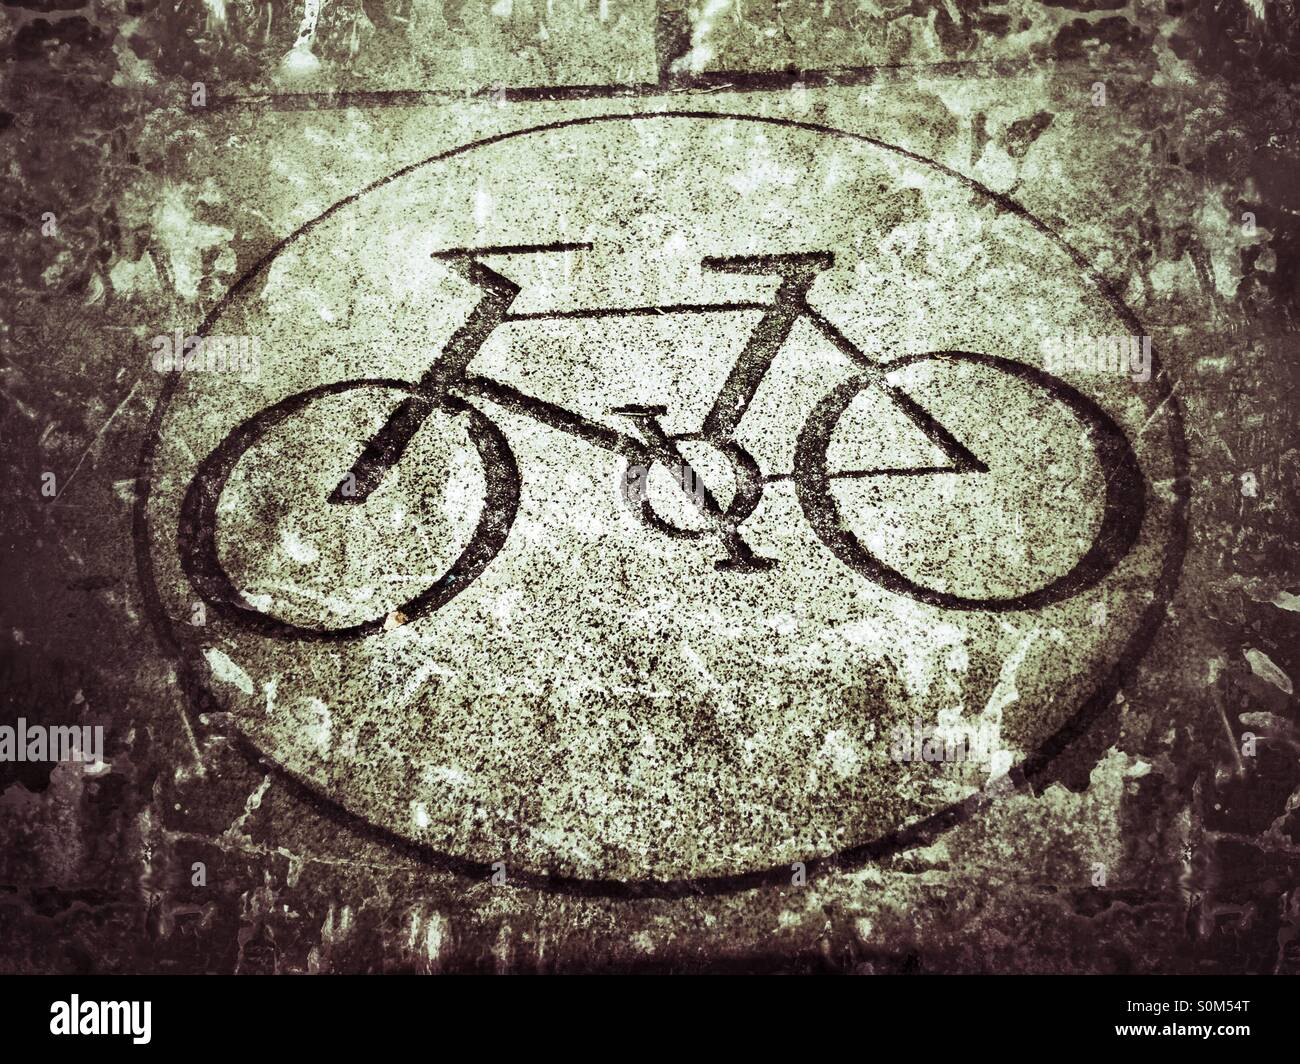 Escursioni in bicicletta consentita la segnaletica stradale Immagini Stock